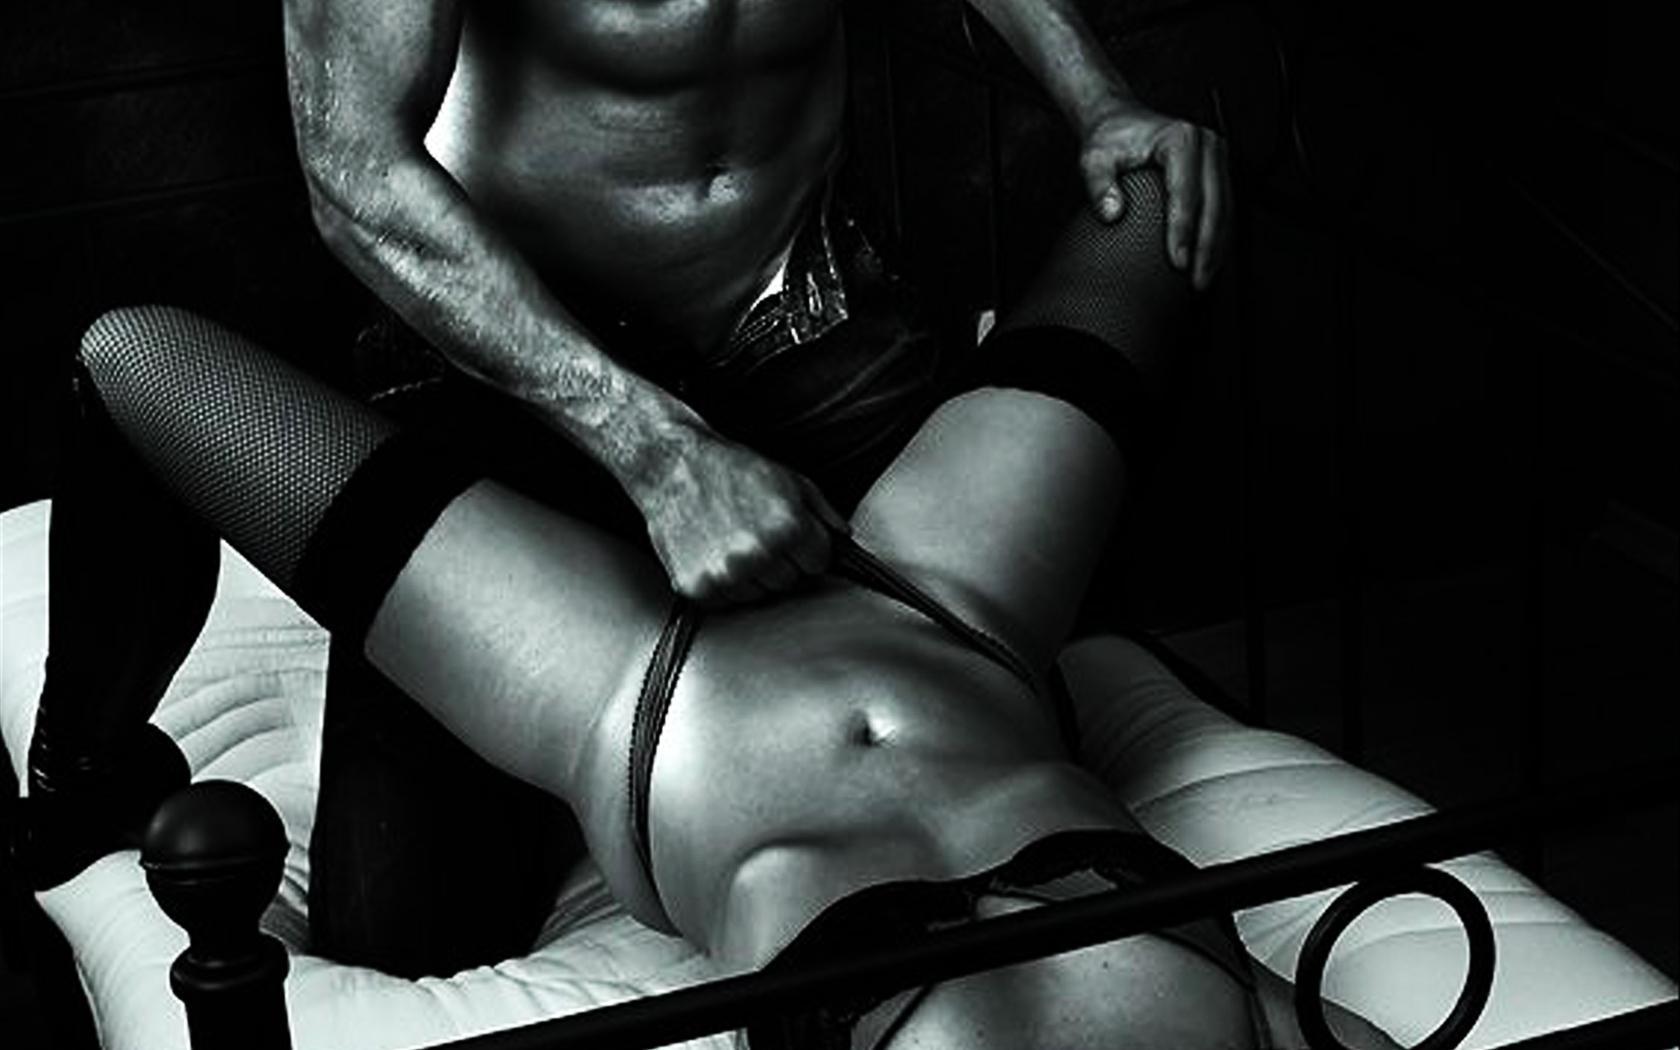 Сексуальные фото абножоных женщин и мужчин 14 фотография